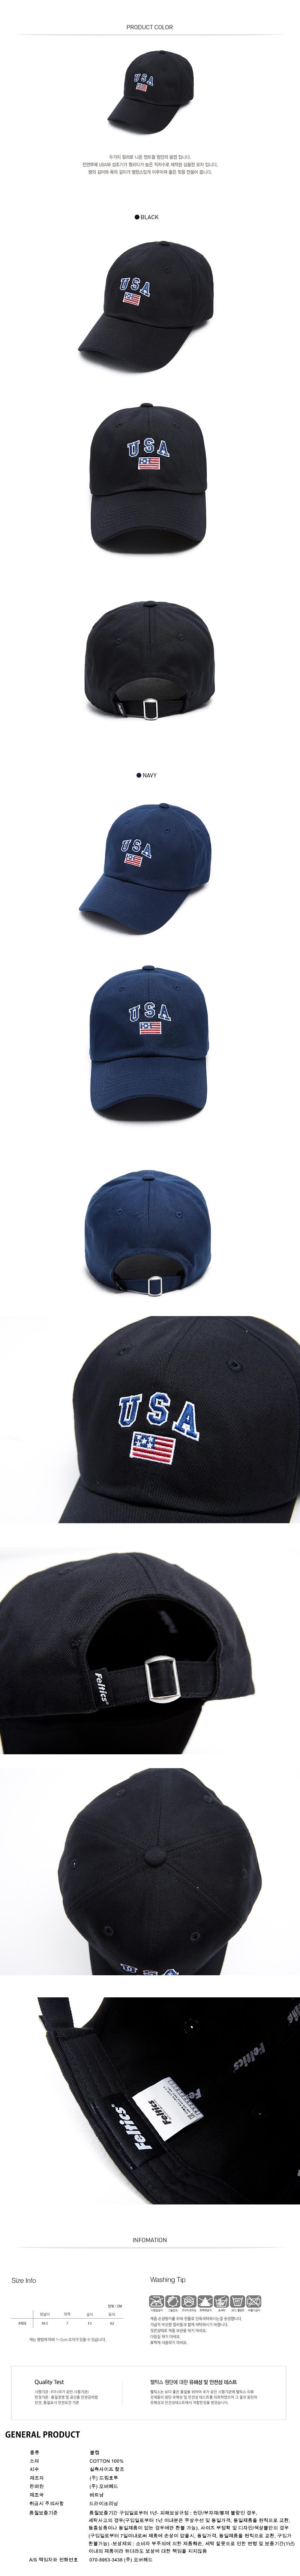 [ FELTICS ] [FELTICS] USA Basic Cap Black (FEPFMCA40)